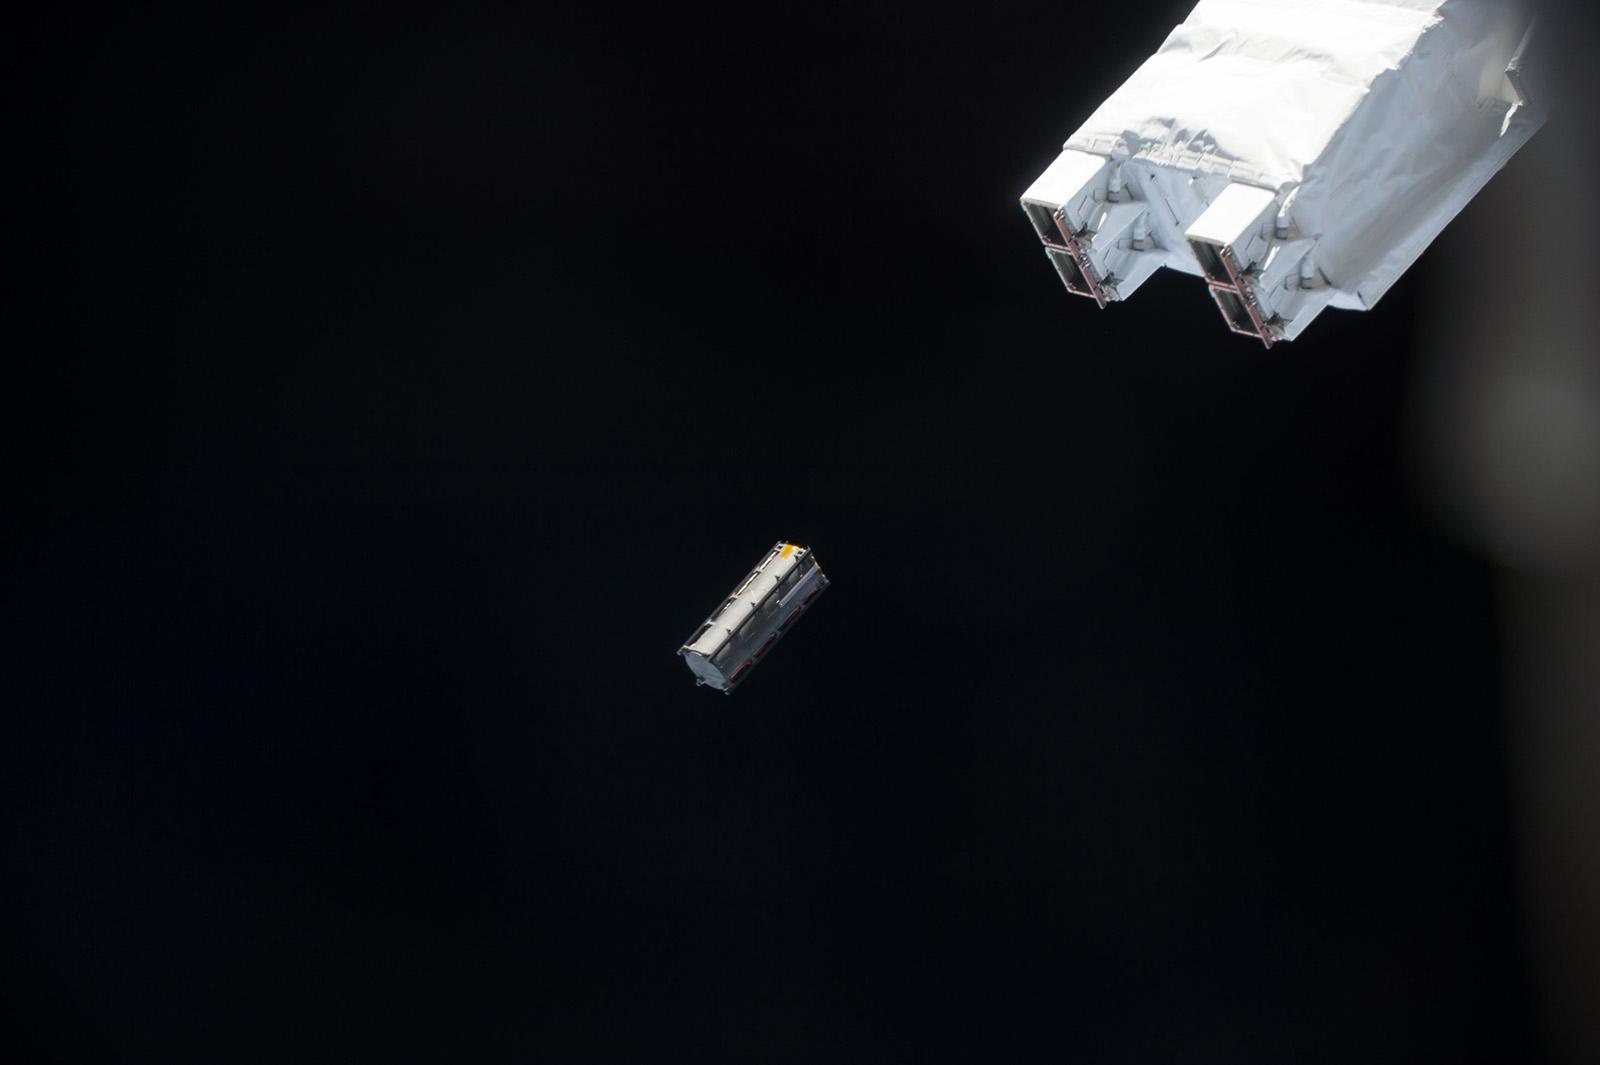 「新型宇宙ステーション補給機(HTV-X)1号機からの超小型衛星放出技術実証における実施企業提案募集の公告予告」のお知らせ